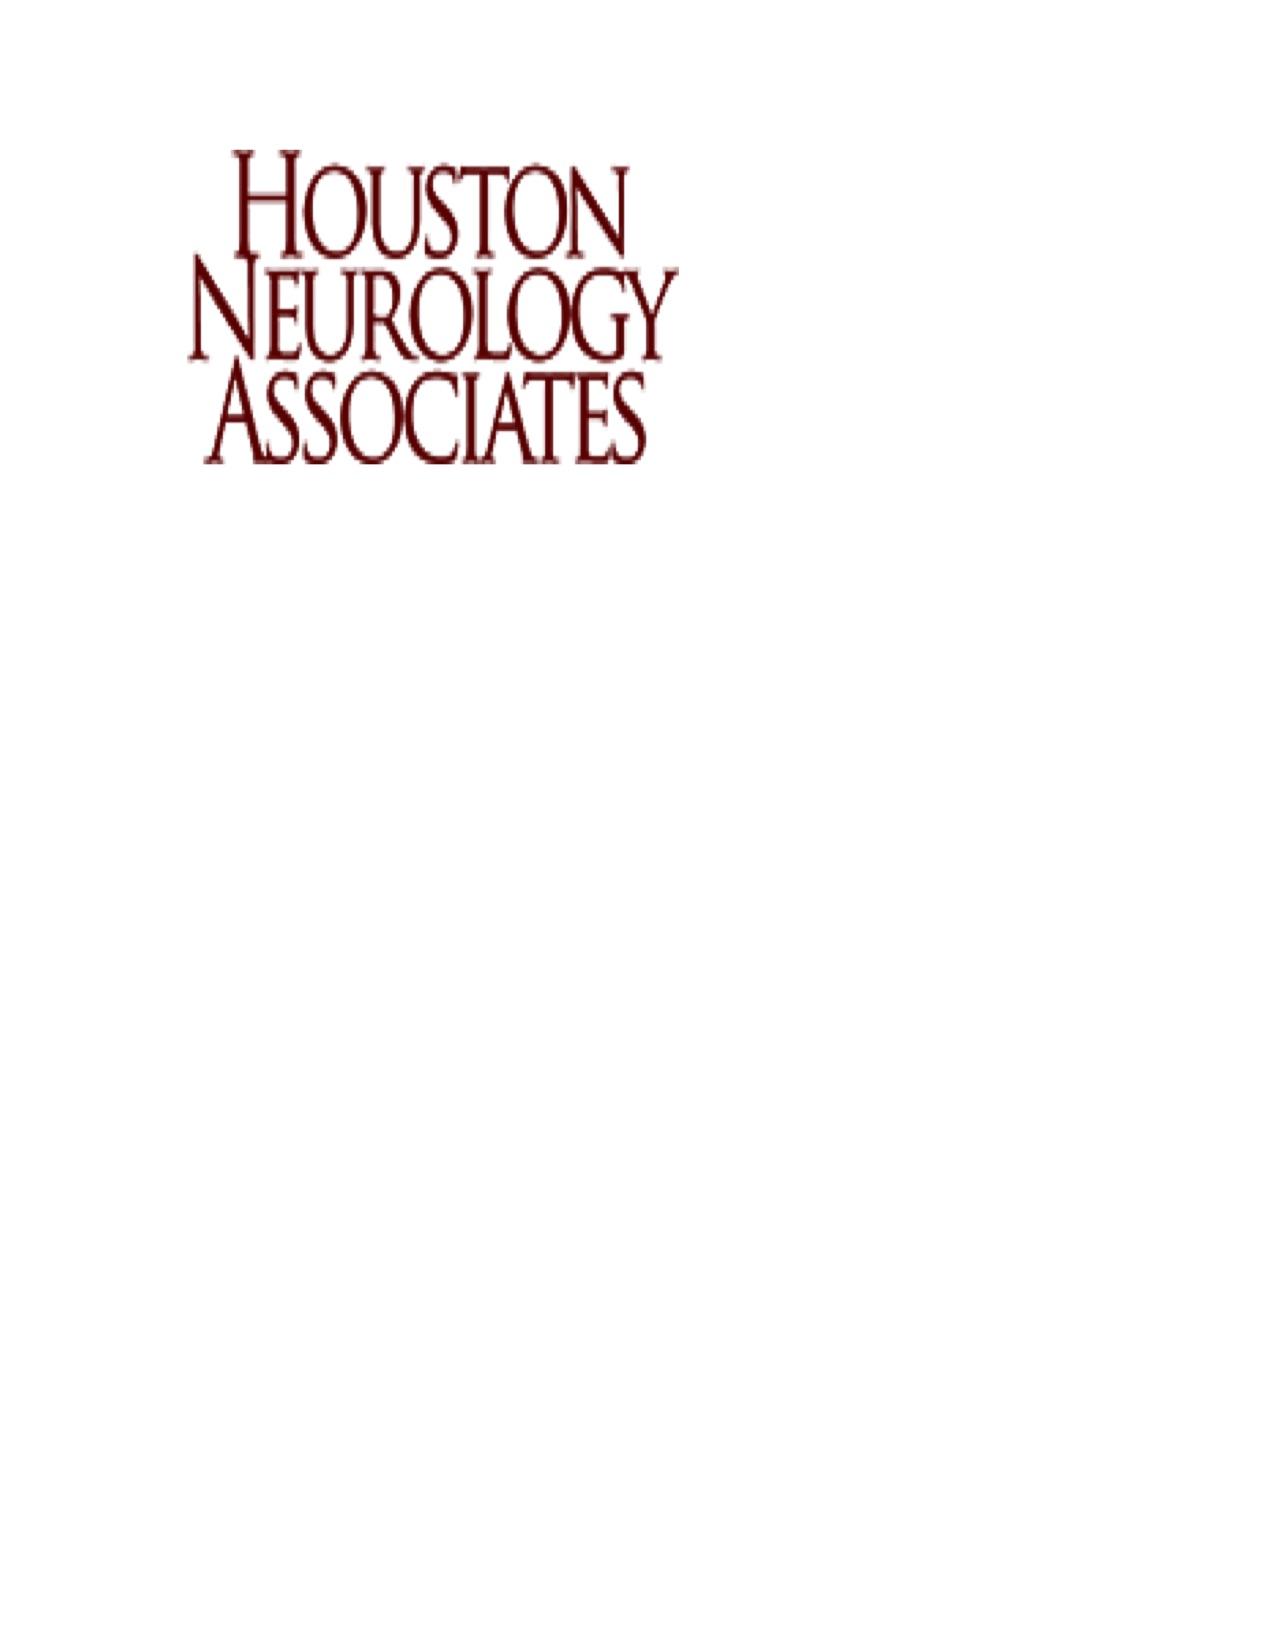 Houston Neurology Associates